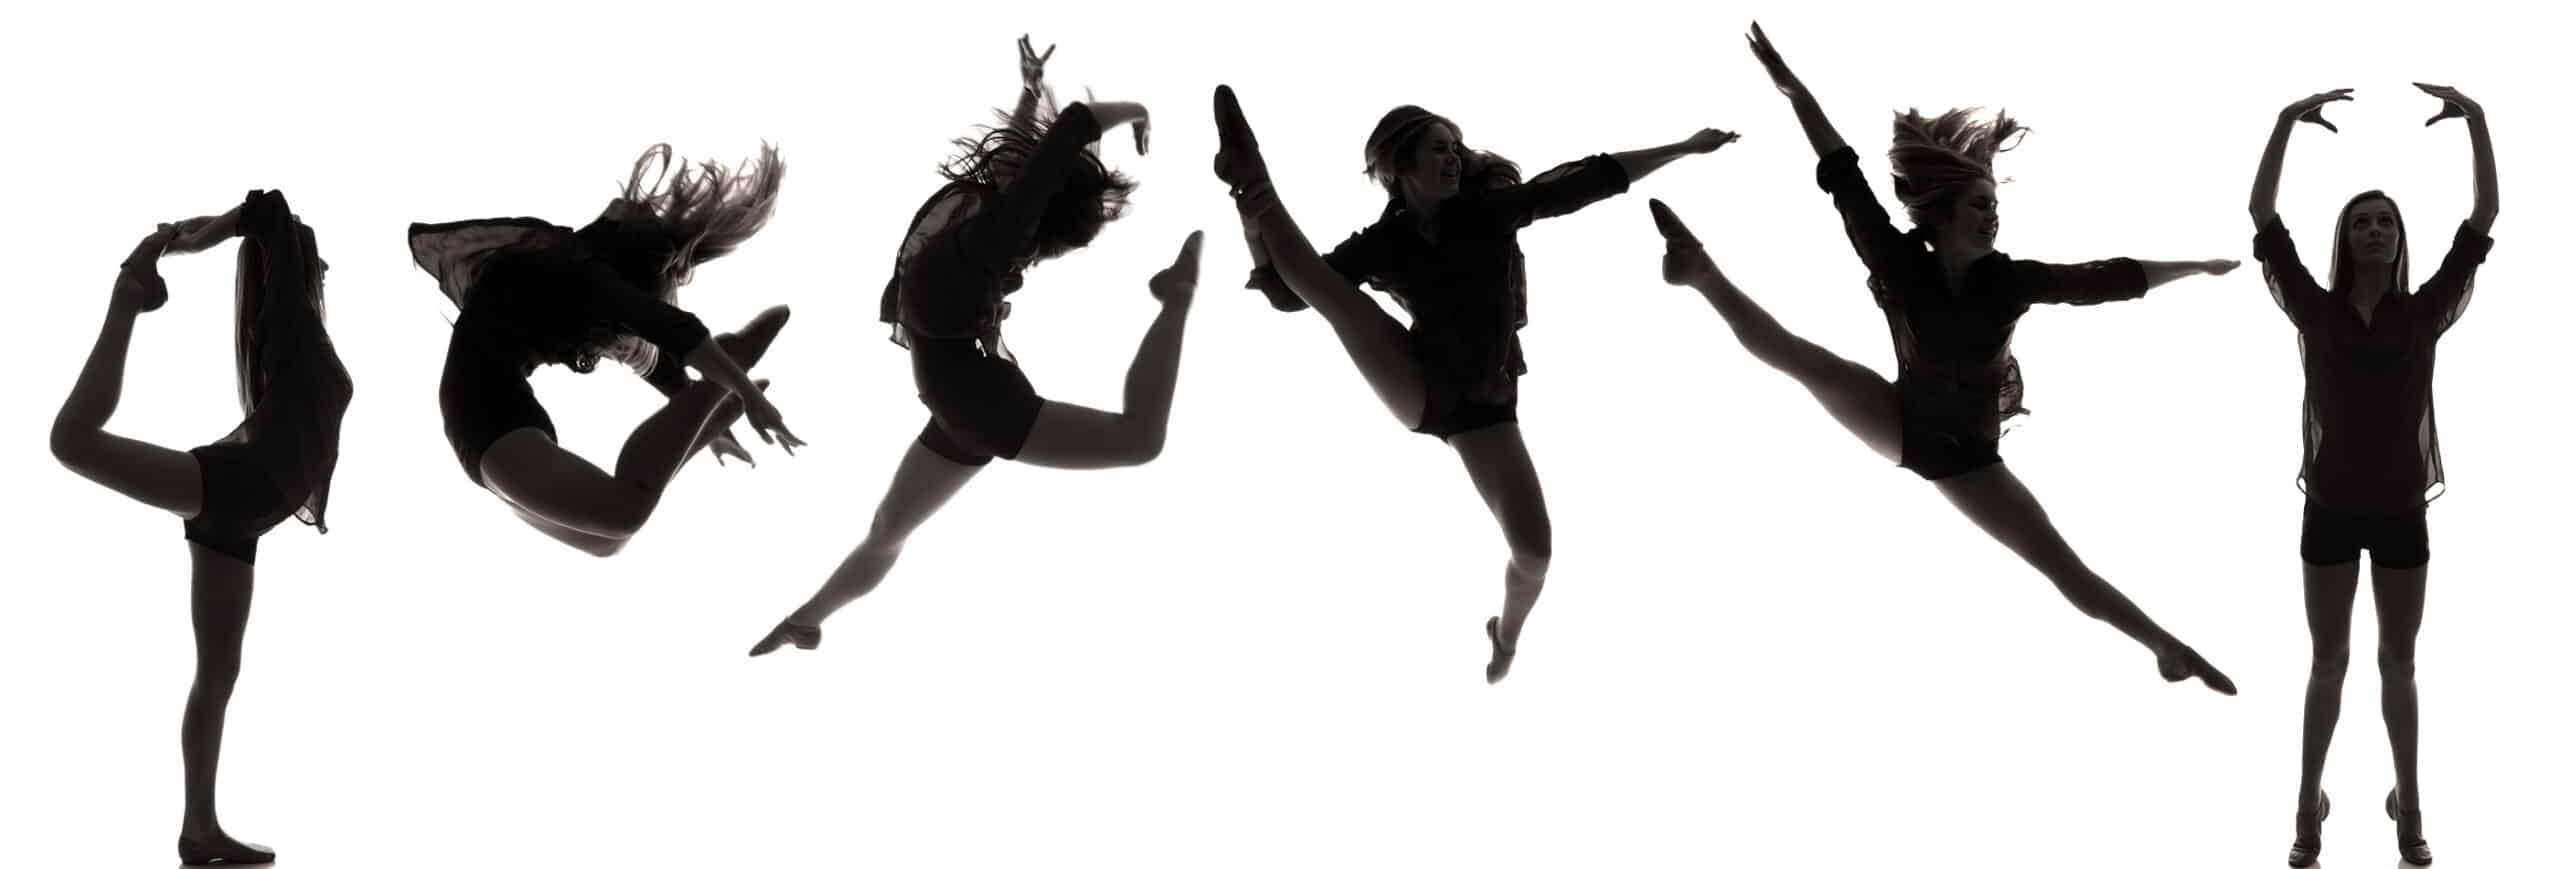 الرقص للتنحيف